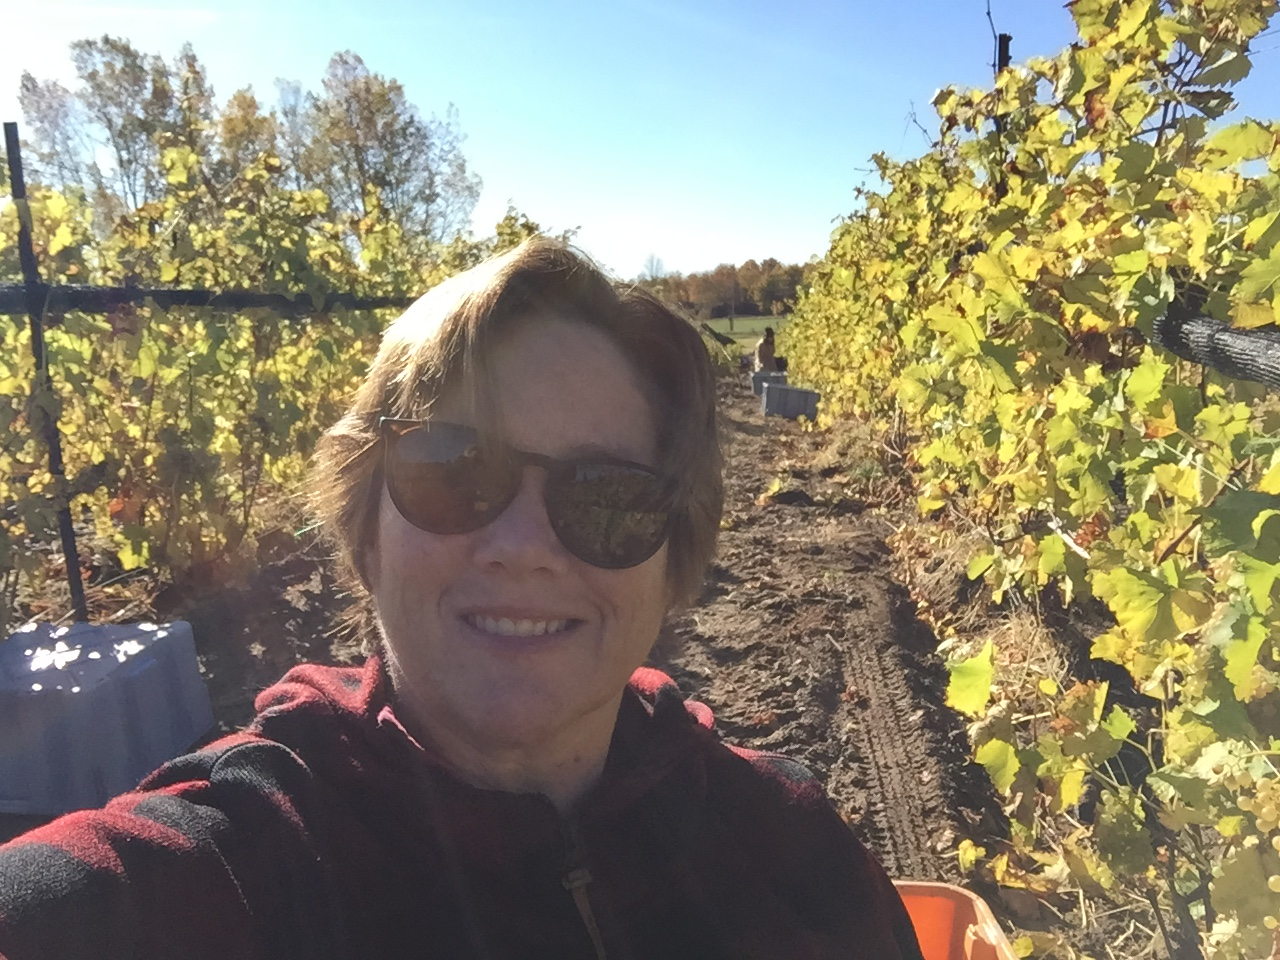 Me in the vineyard